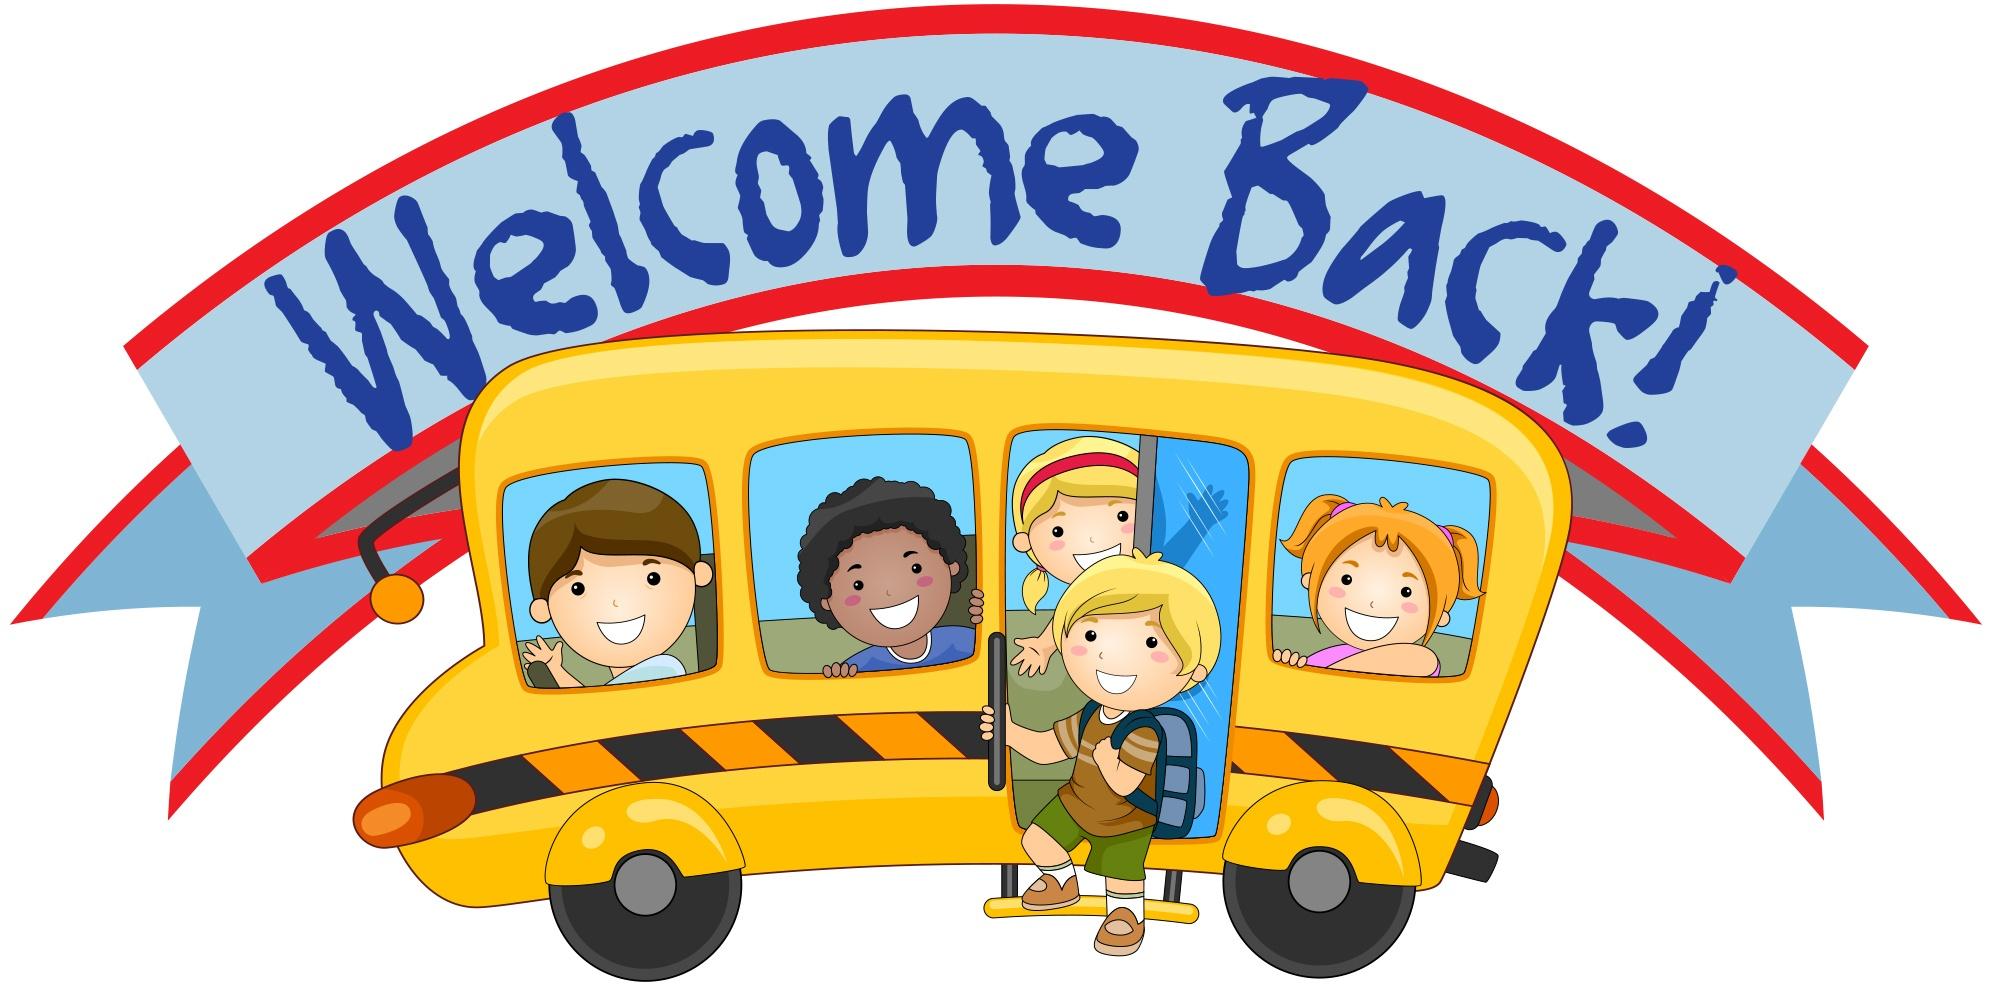 Back to school from winter break clipart.